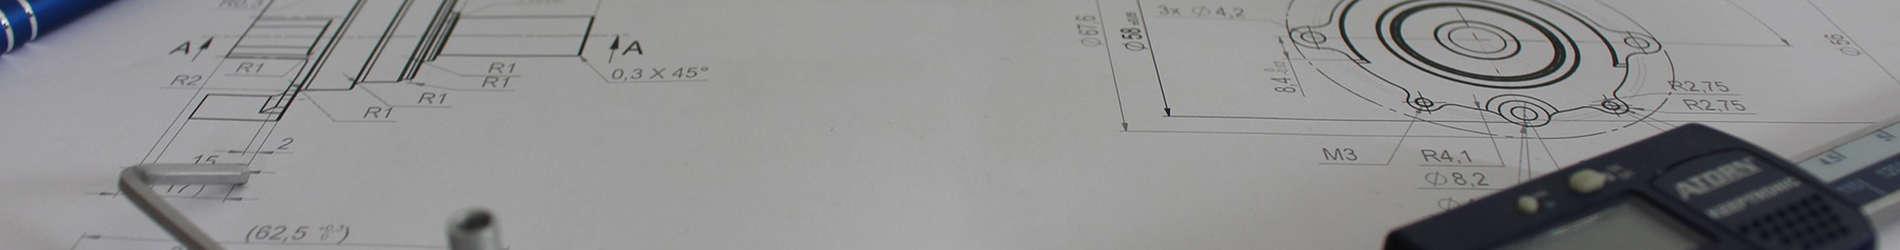 Hintergrundbild / Banner